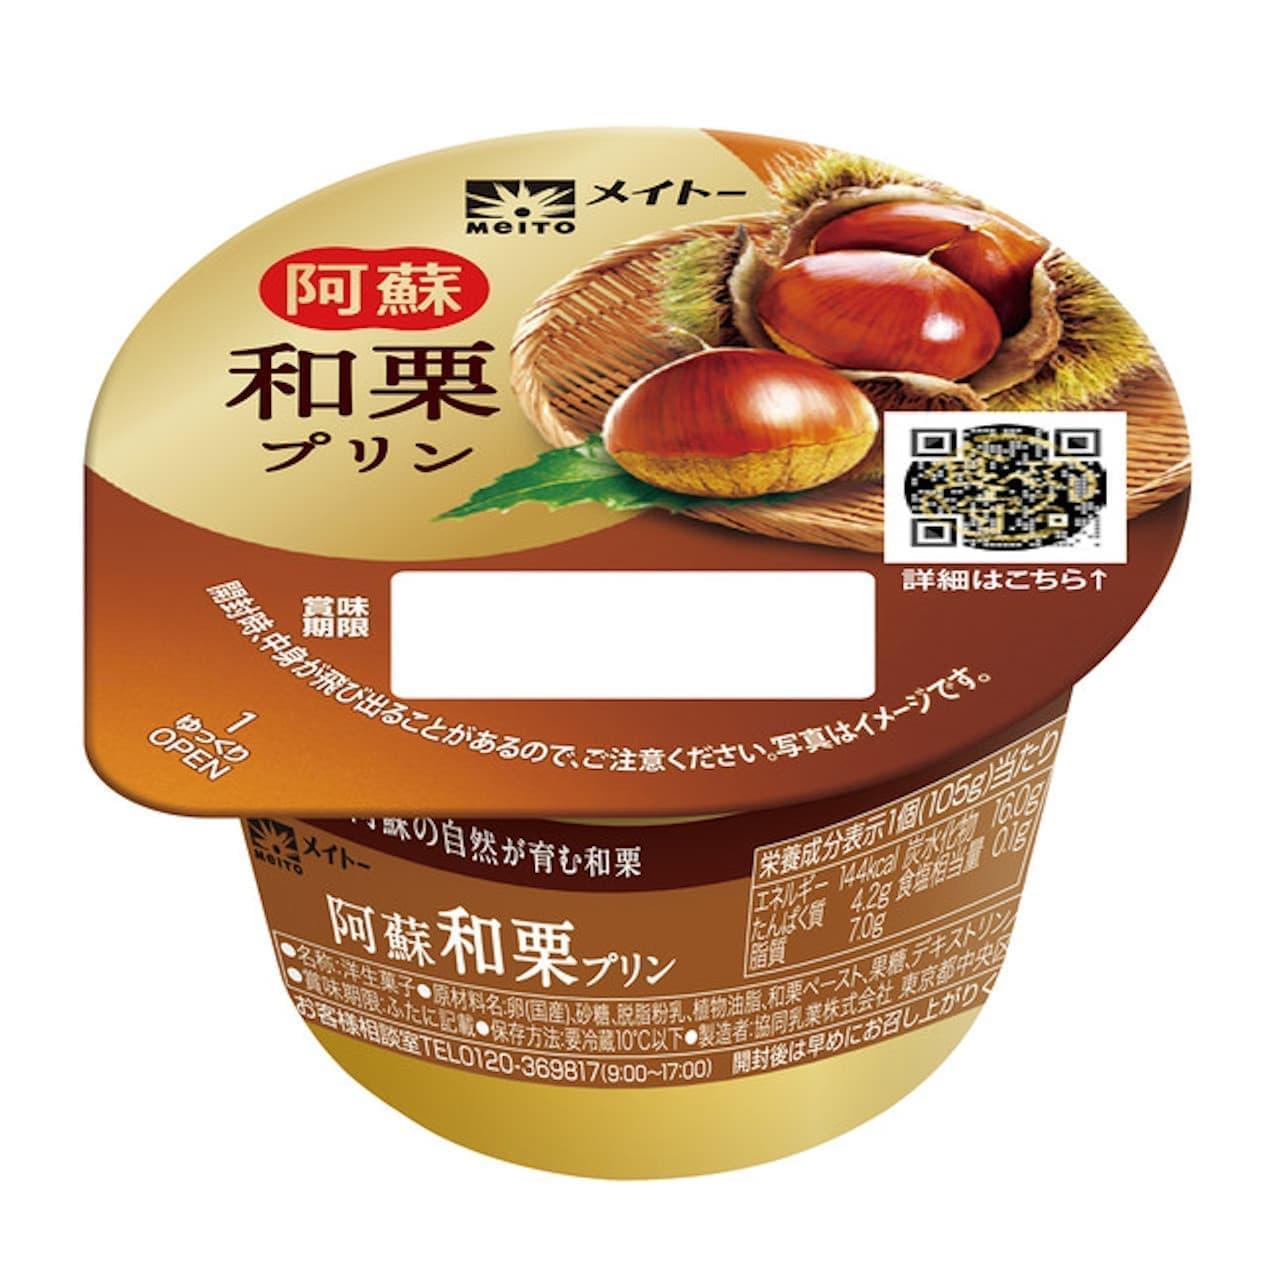 「阿蘇 和栗プリン」熊本県阿蘇地域・約50戸の生産者が育てた和栗